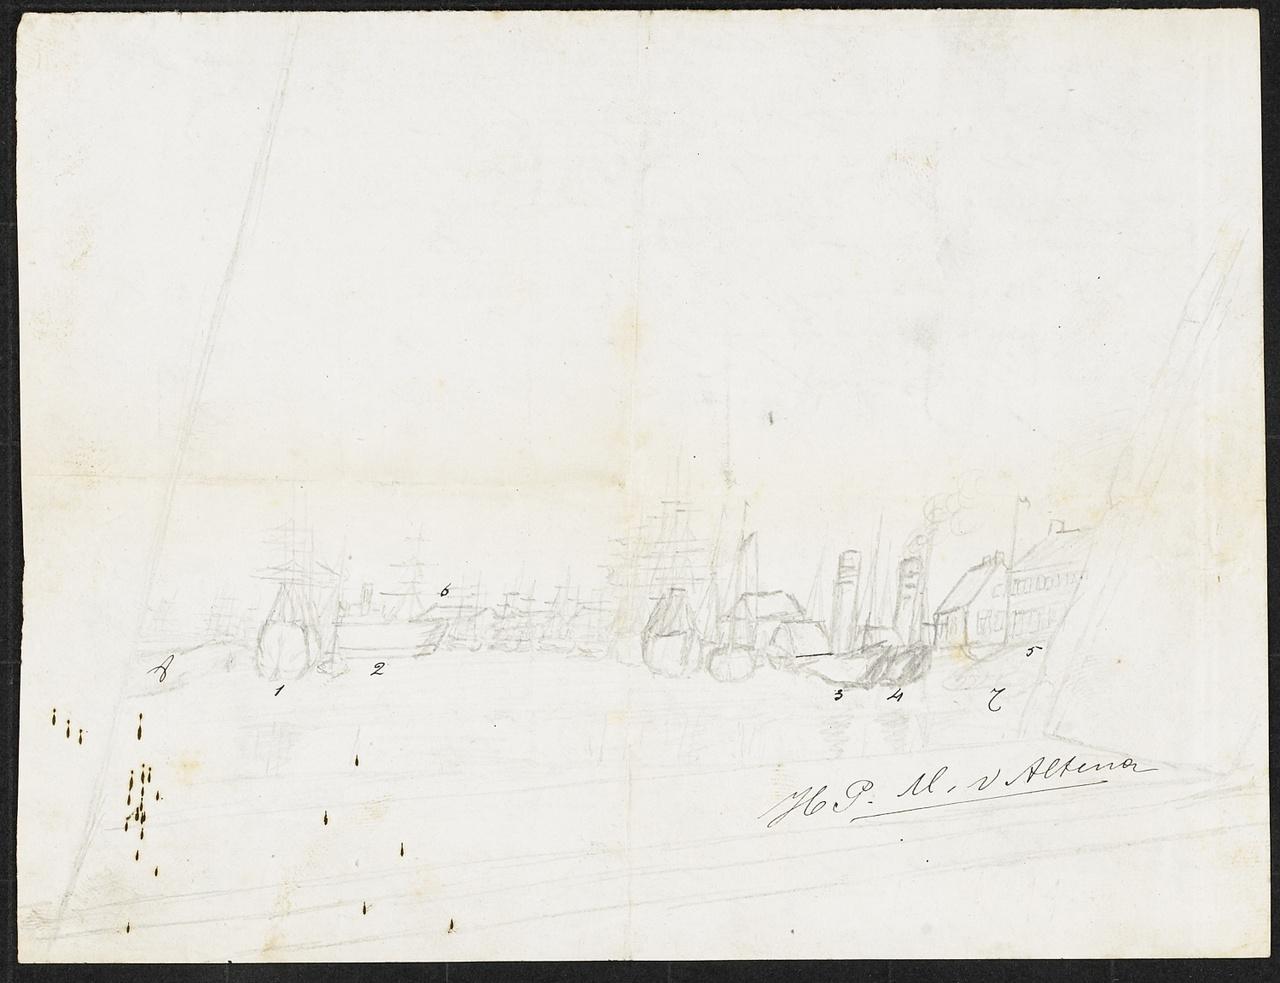 Ruwe schets van een stad met schepen